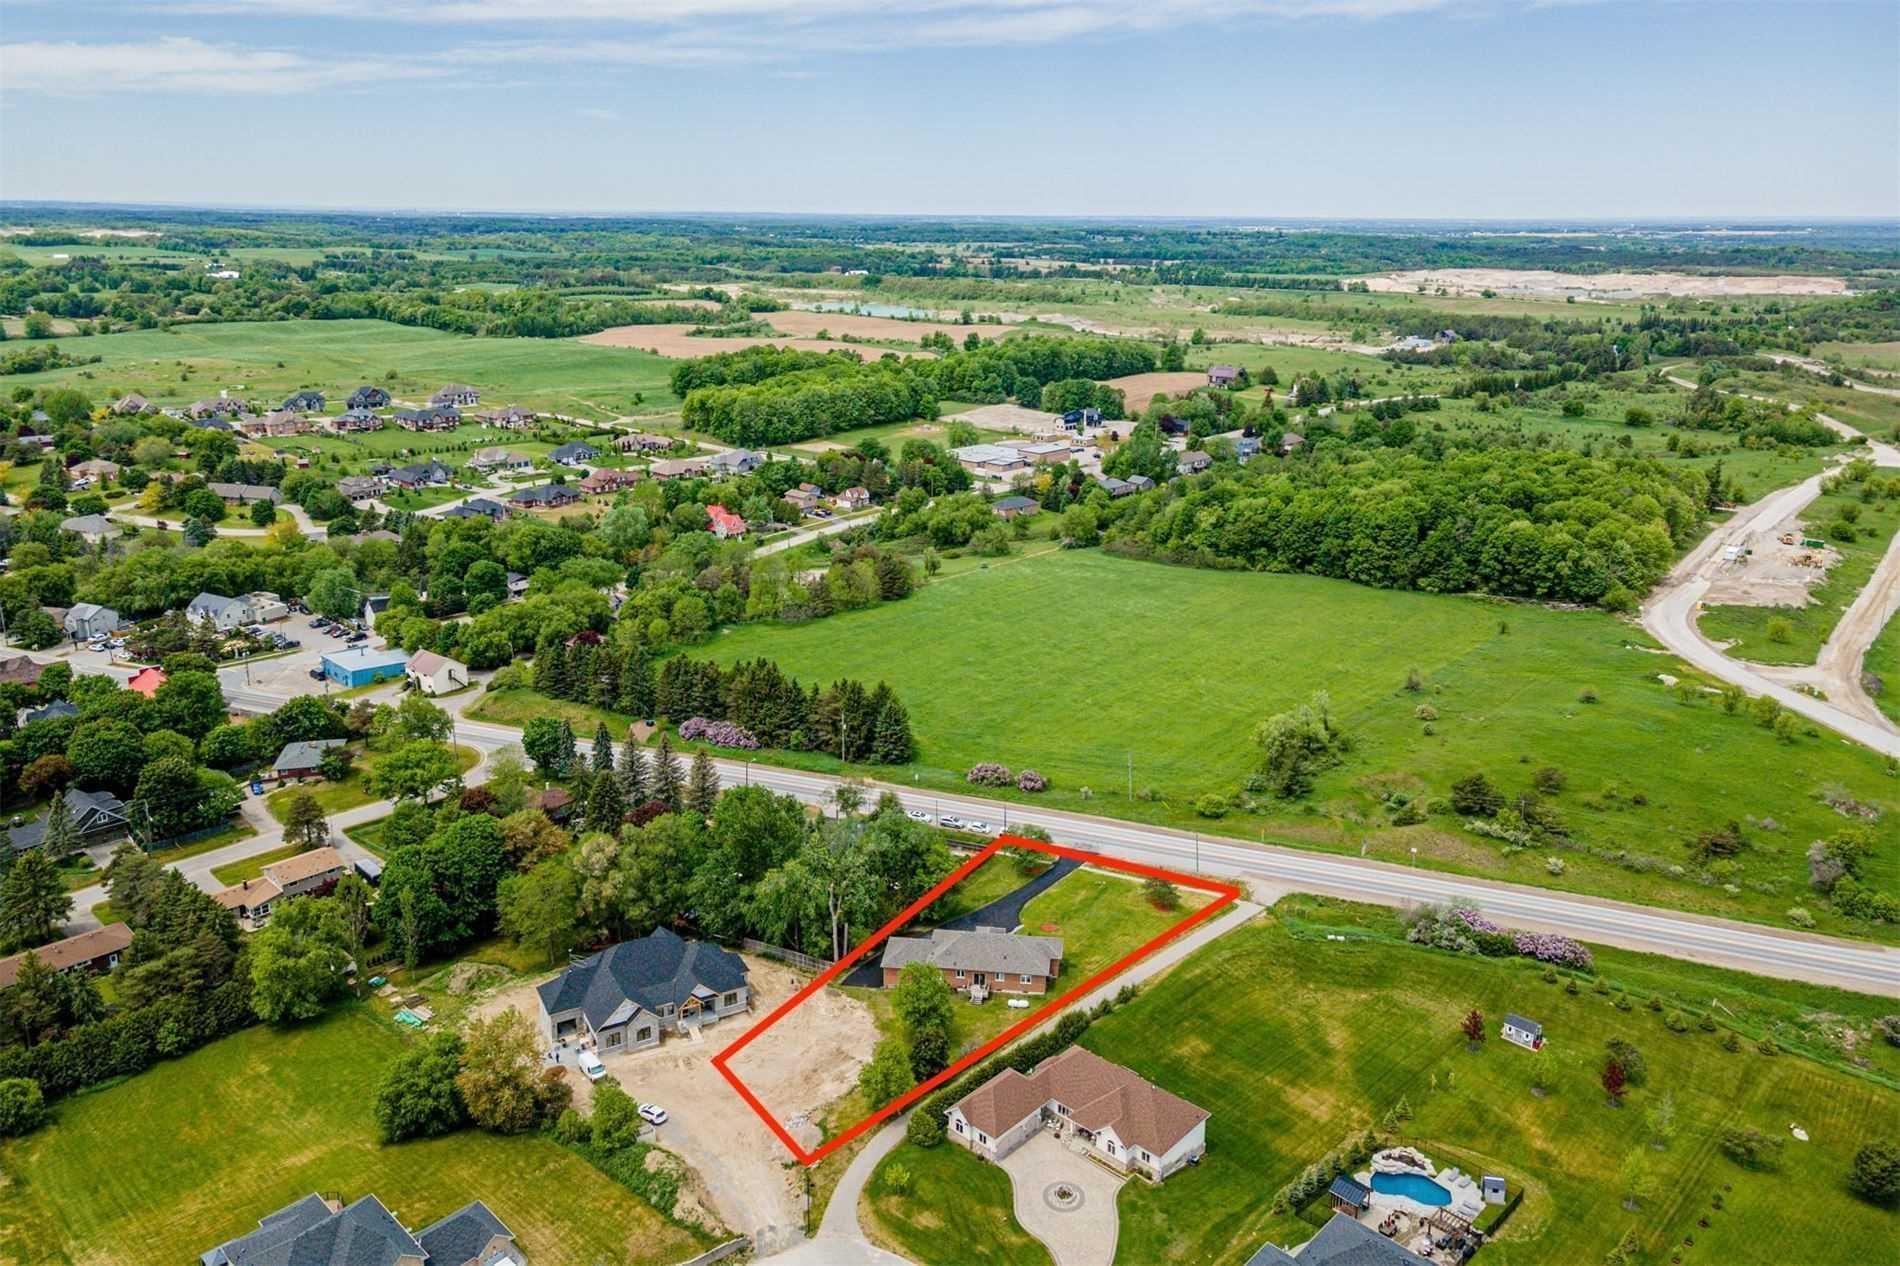 315 Highway 47 Rd - Rural Uxbridge Detached for sale, 3 Bedrooms (N5306115) - #40